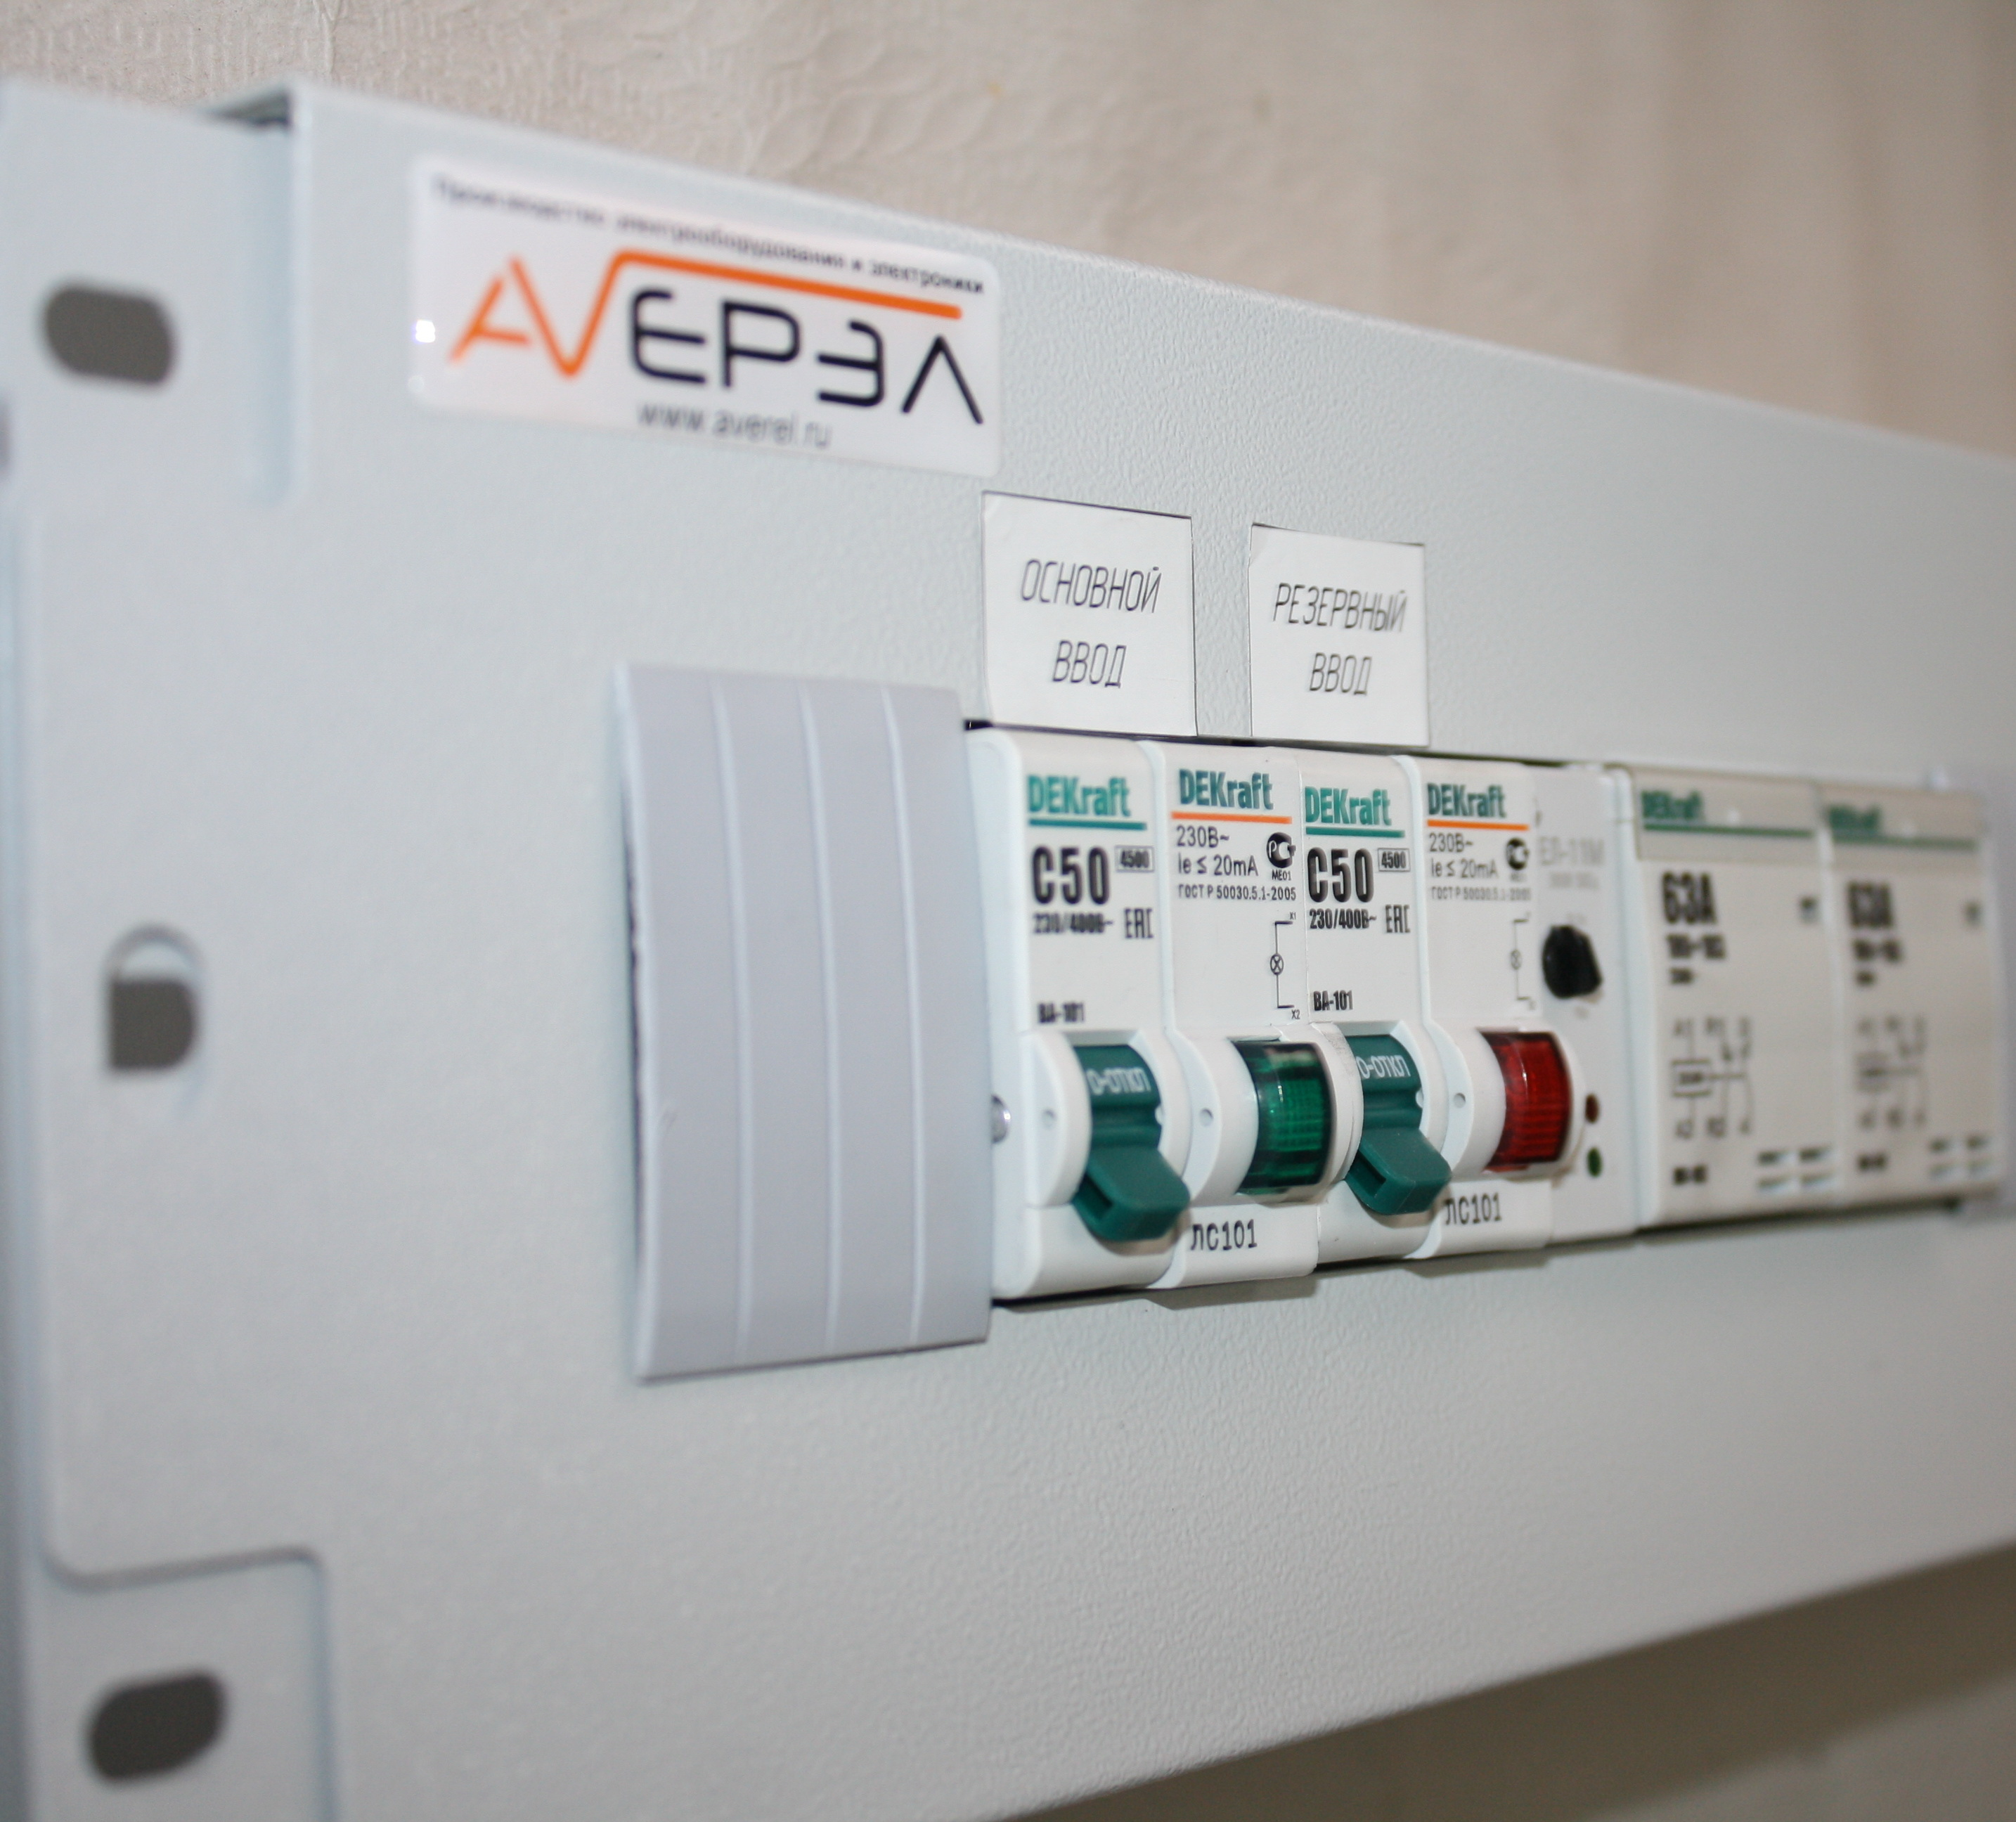 Устройство АВР 19 с комплектацией Dekraft